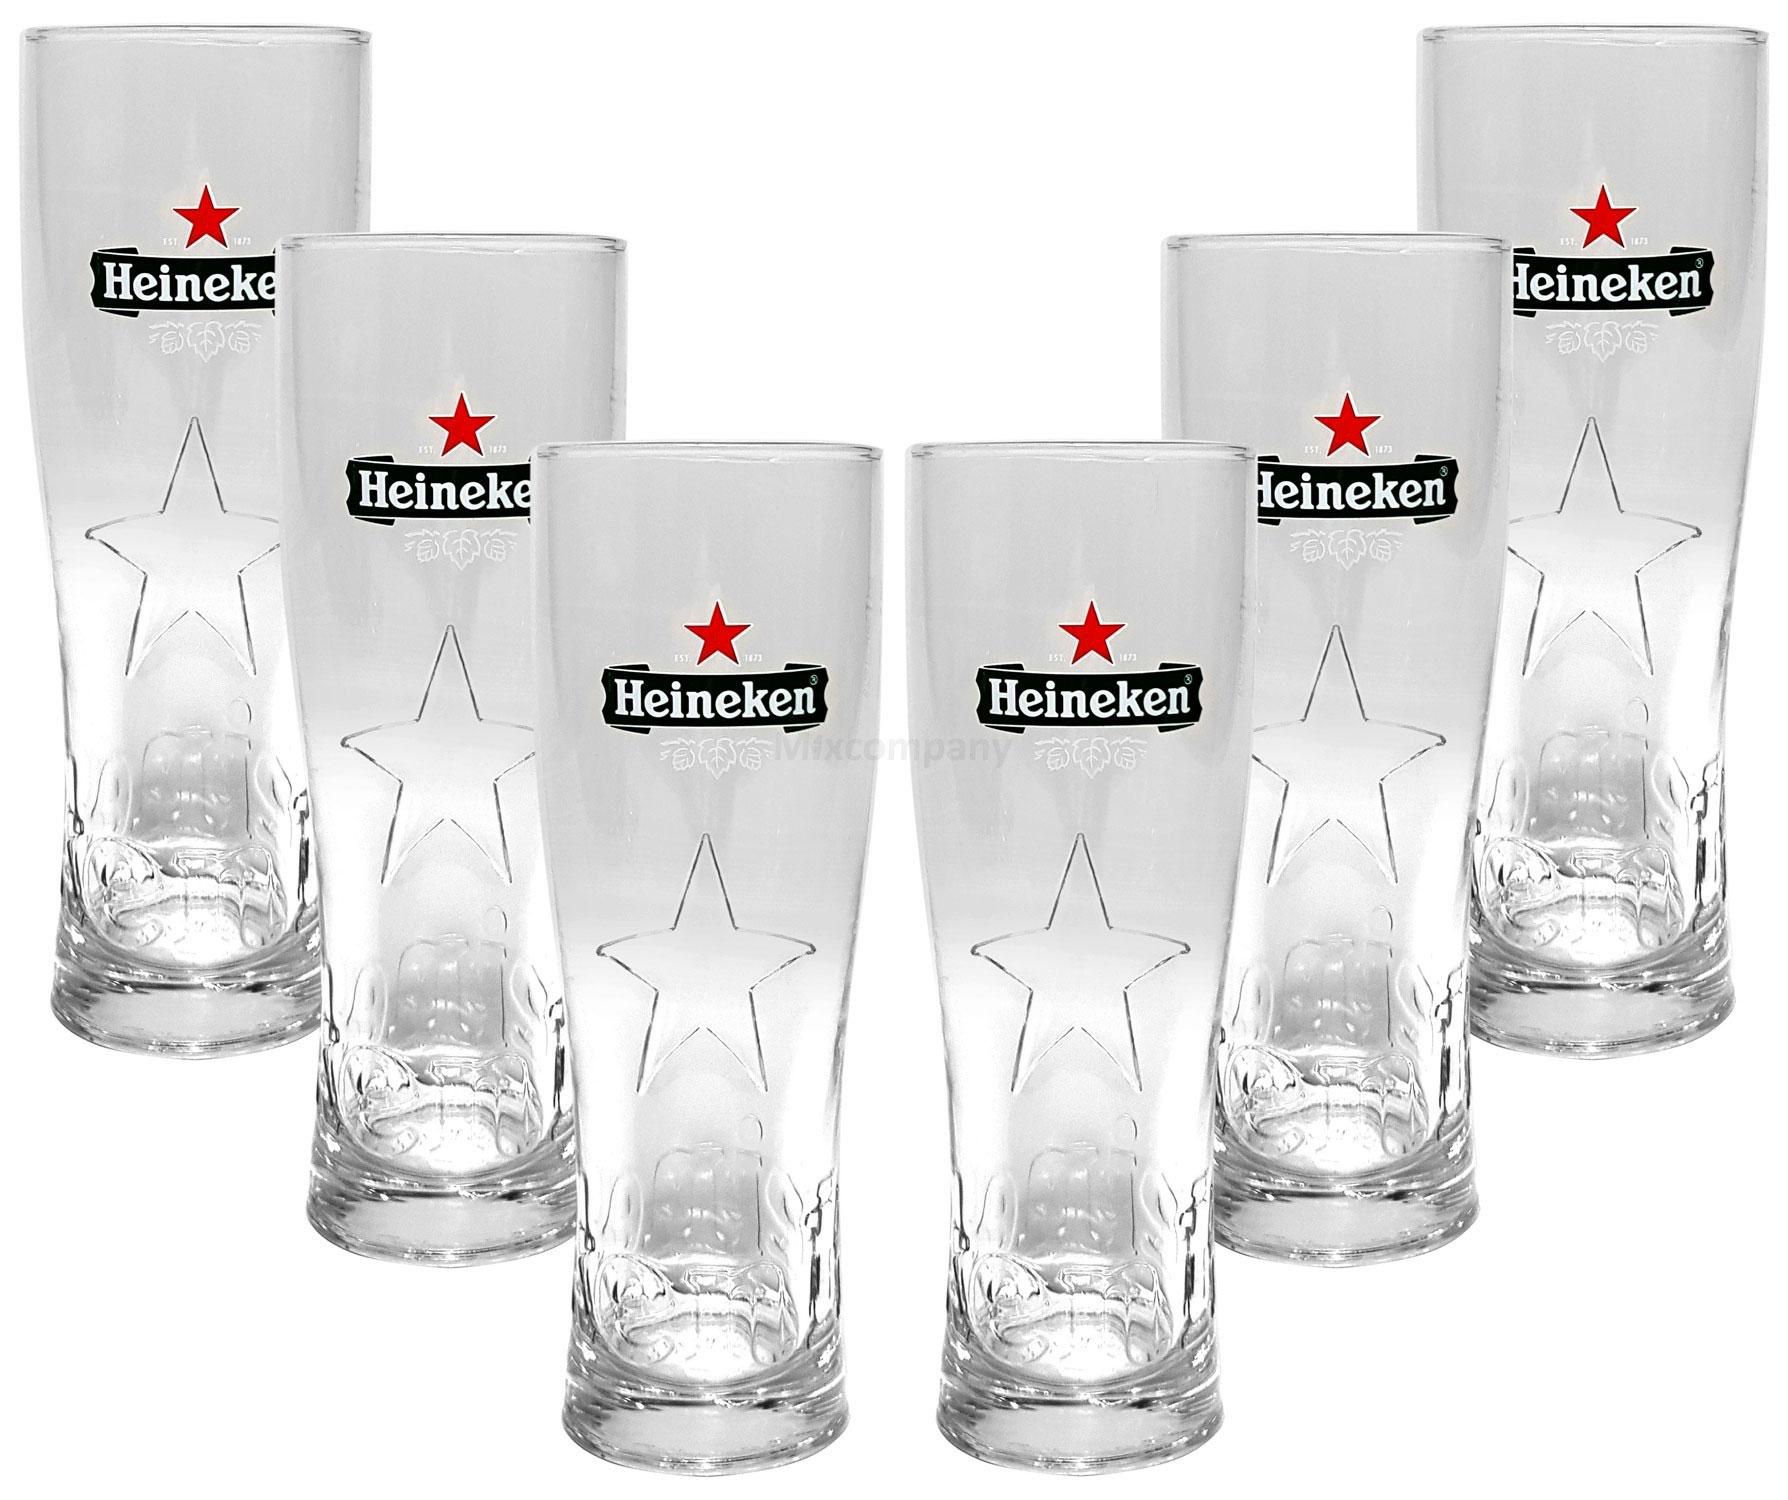 Heineken Bier 0,25 Glas Gläser Set - 6x Gläser 0,25 GEEICHT Bierglas Ellipse